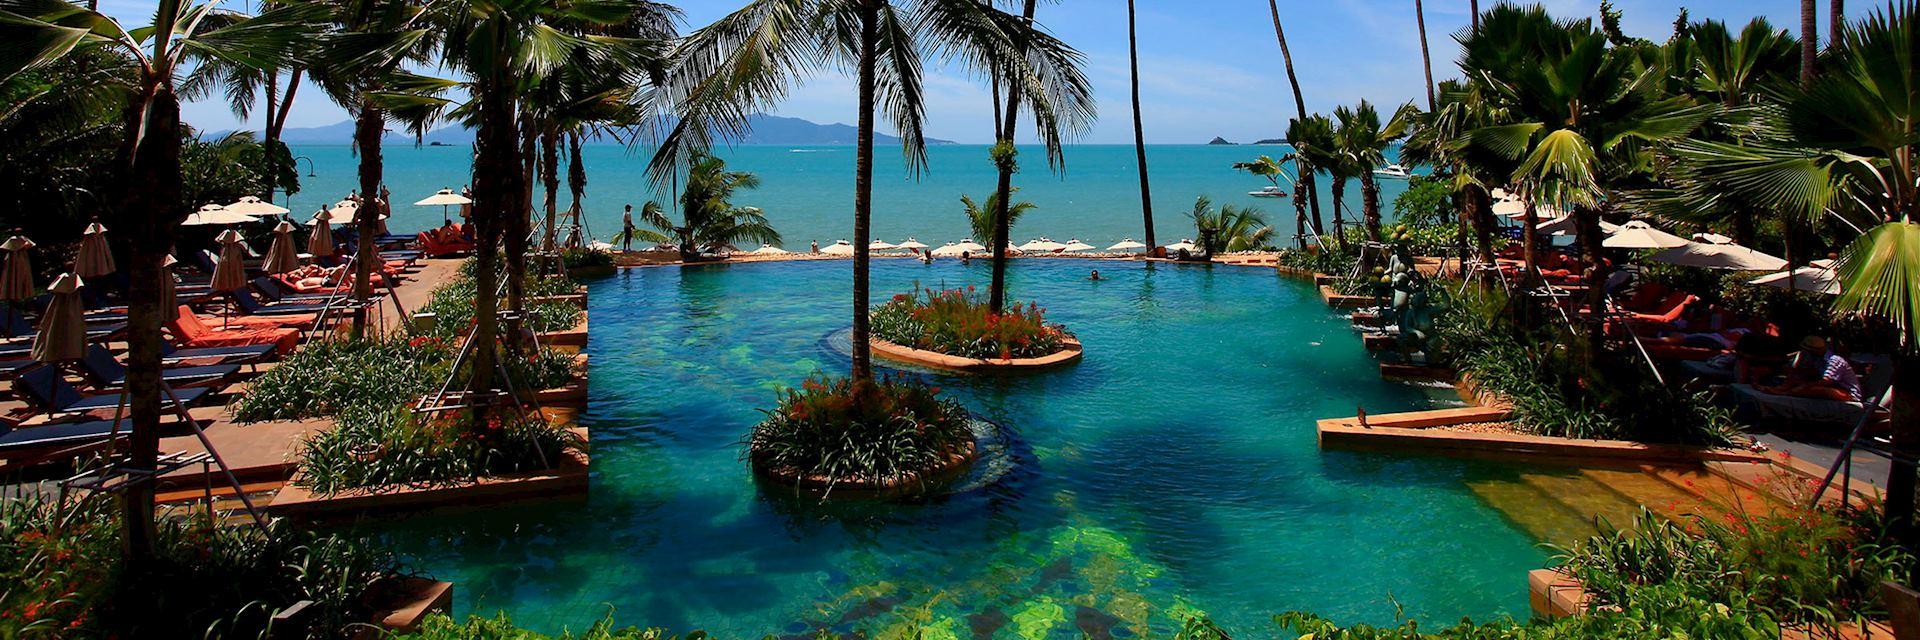 Anantara Bo Phut Resort, Koh Samui